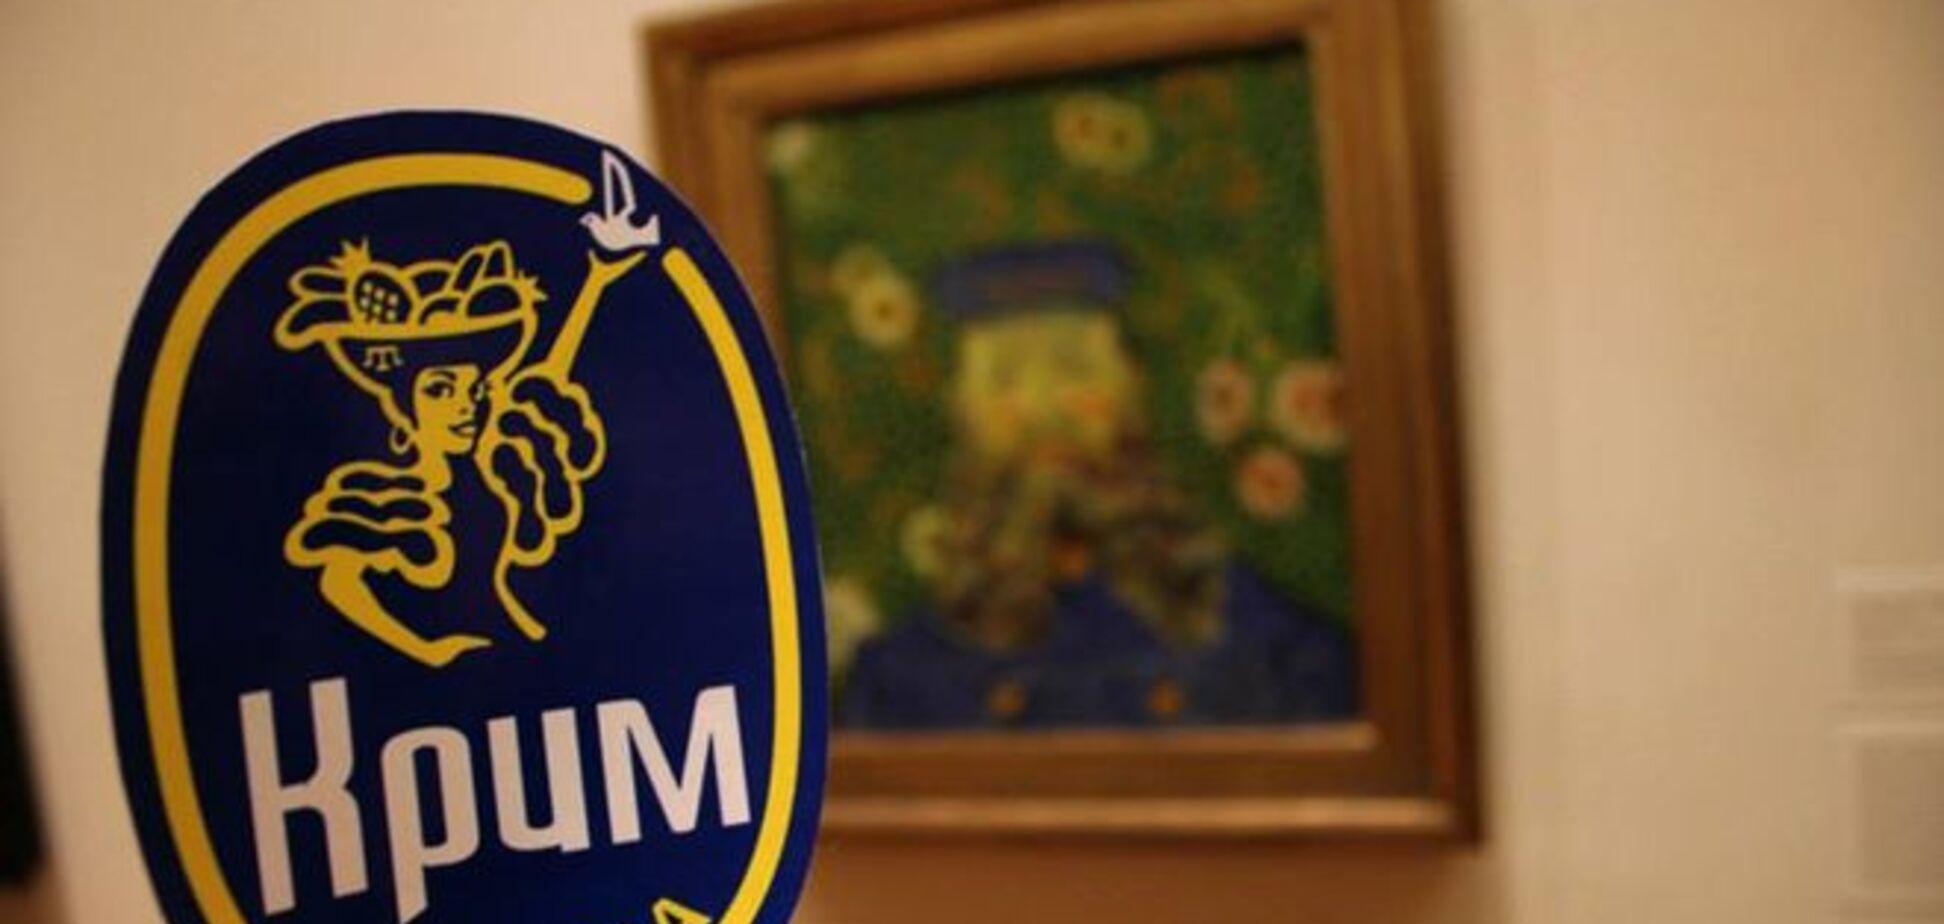 'Крым - это Украина': Жадан устроил перформанс в одном из самых известных музеев Нью-Йорка